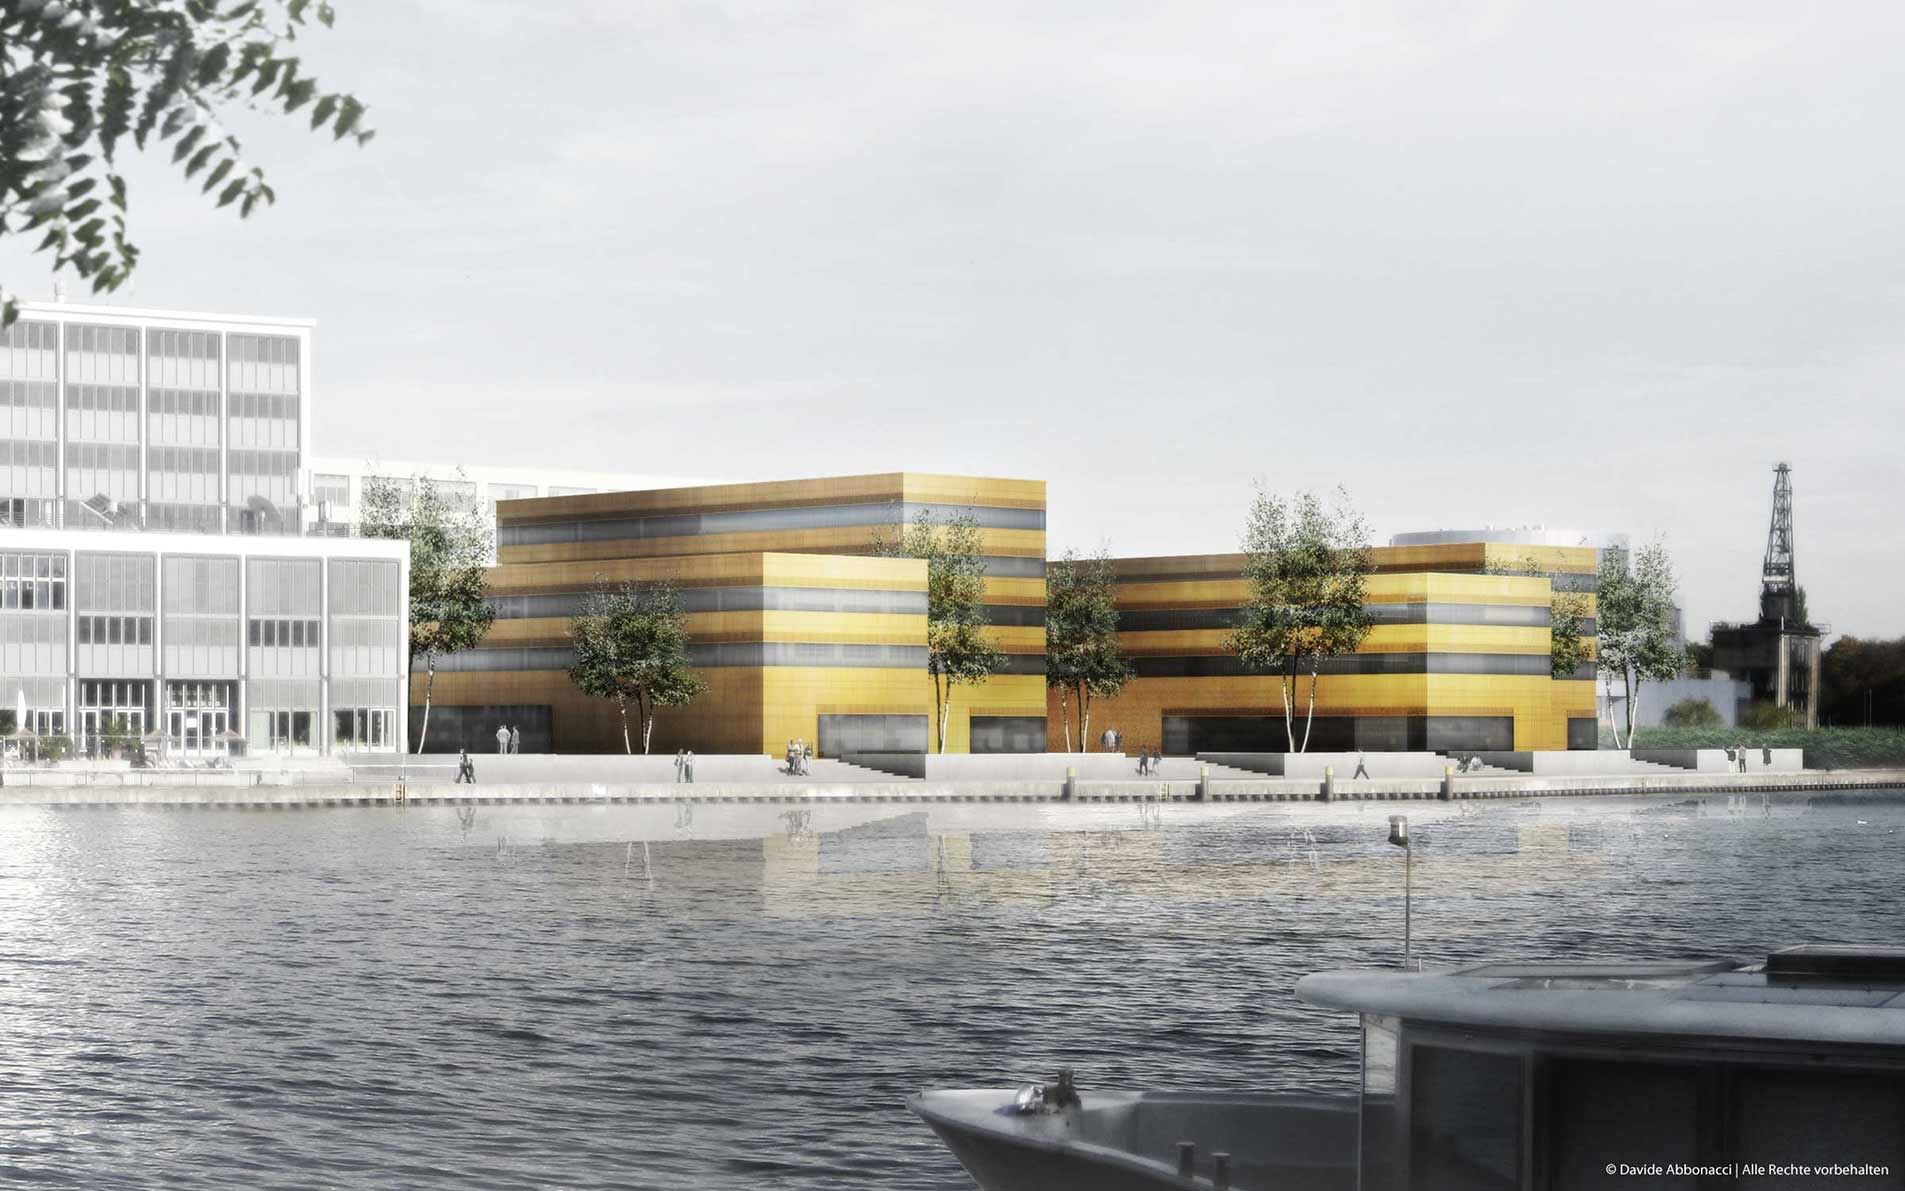 Neubau eines Institutsgebäudes für das FKI an der HTW Berlin | Numrich Albrecht Klumpp Architekten | 2010 Wettbewerbsvisualisierung | 1. Preis